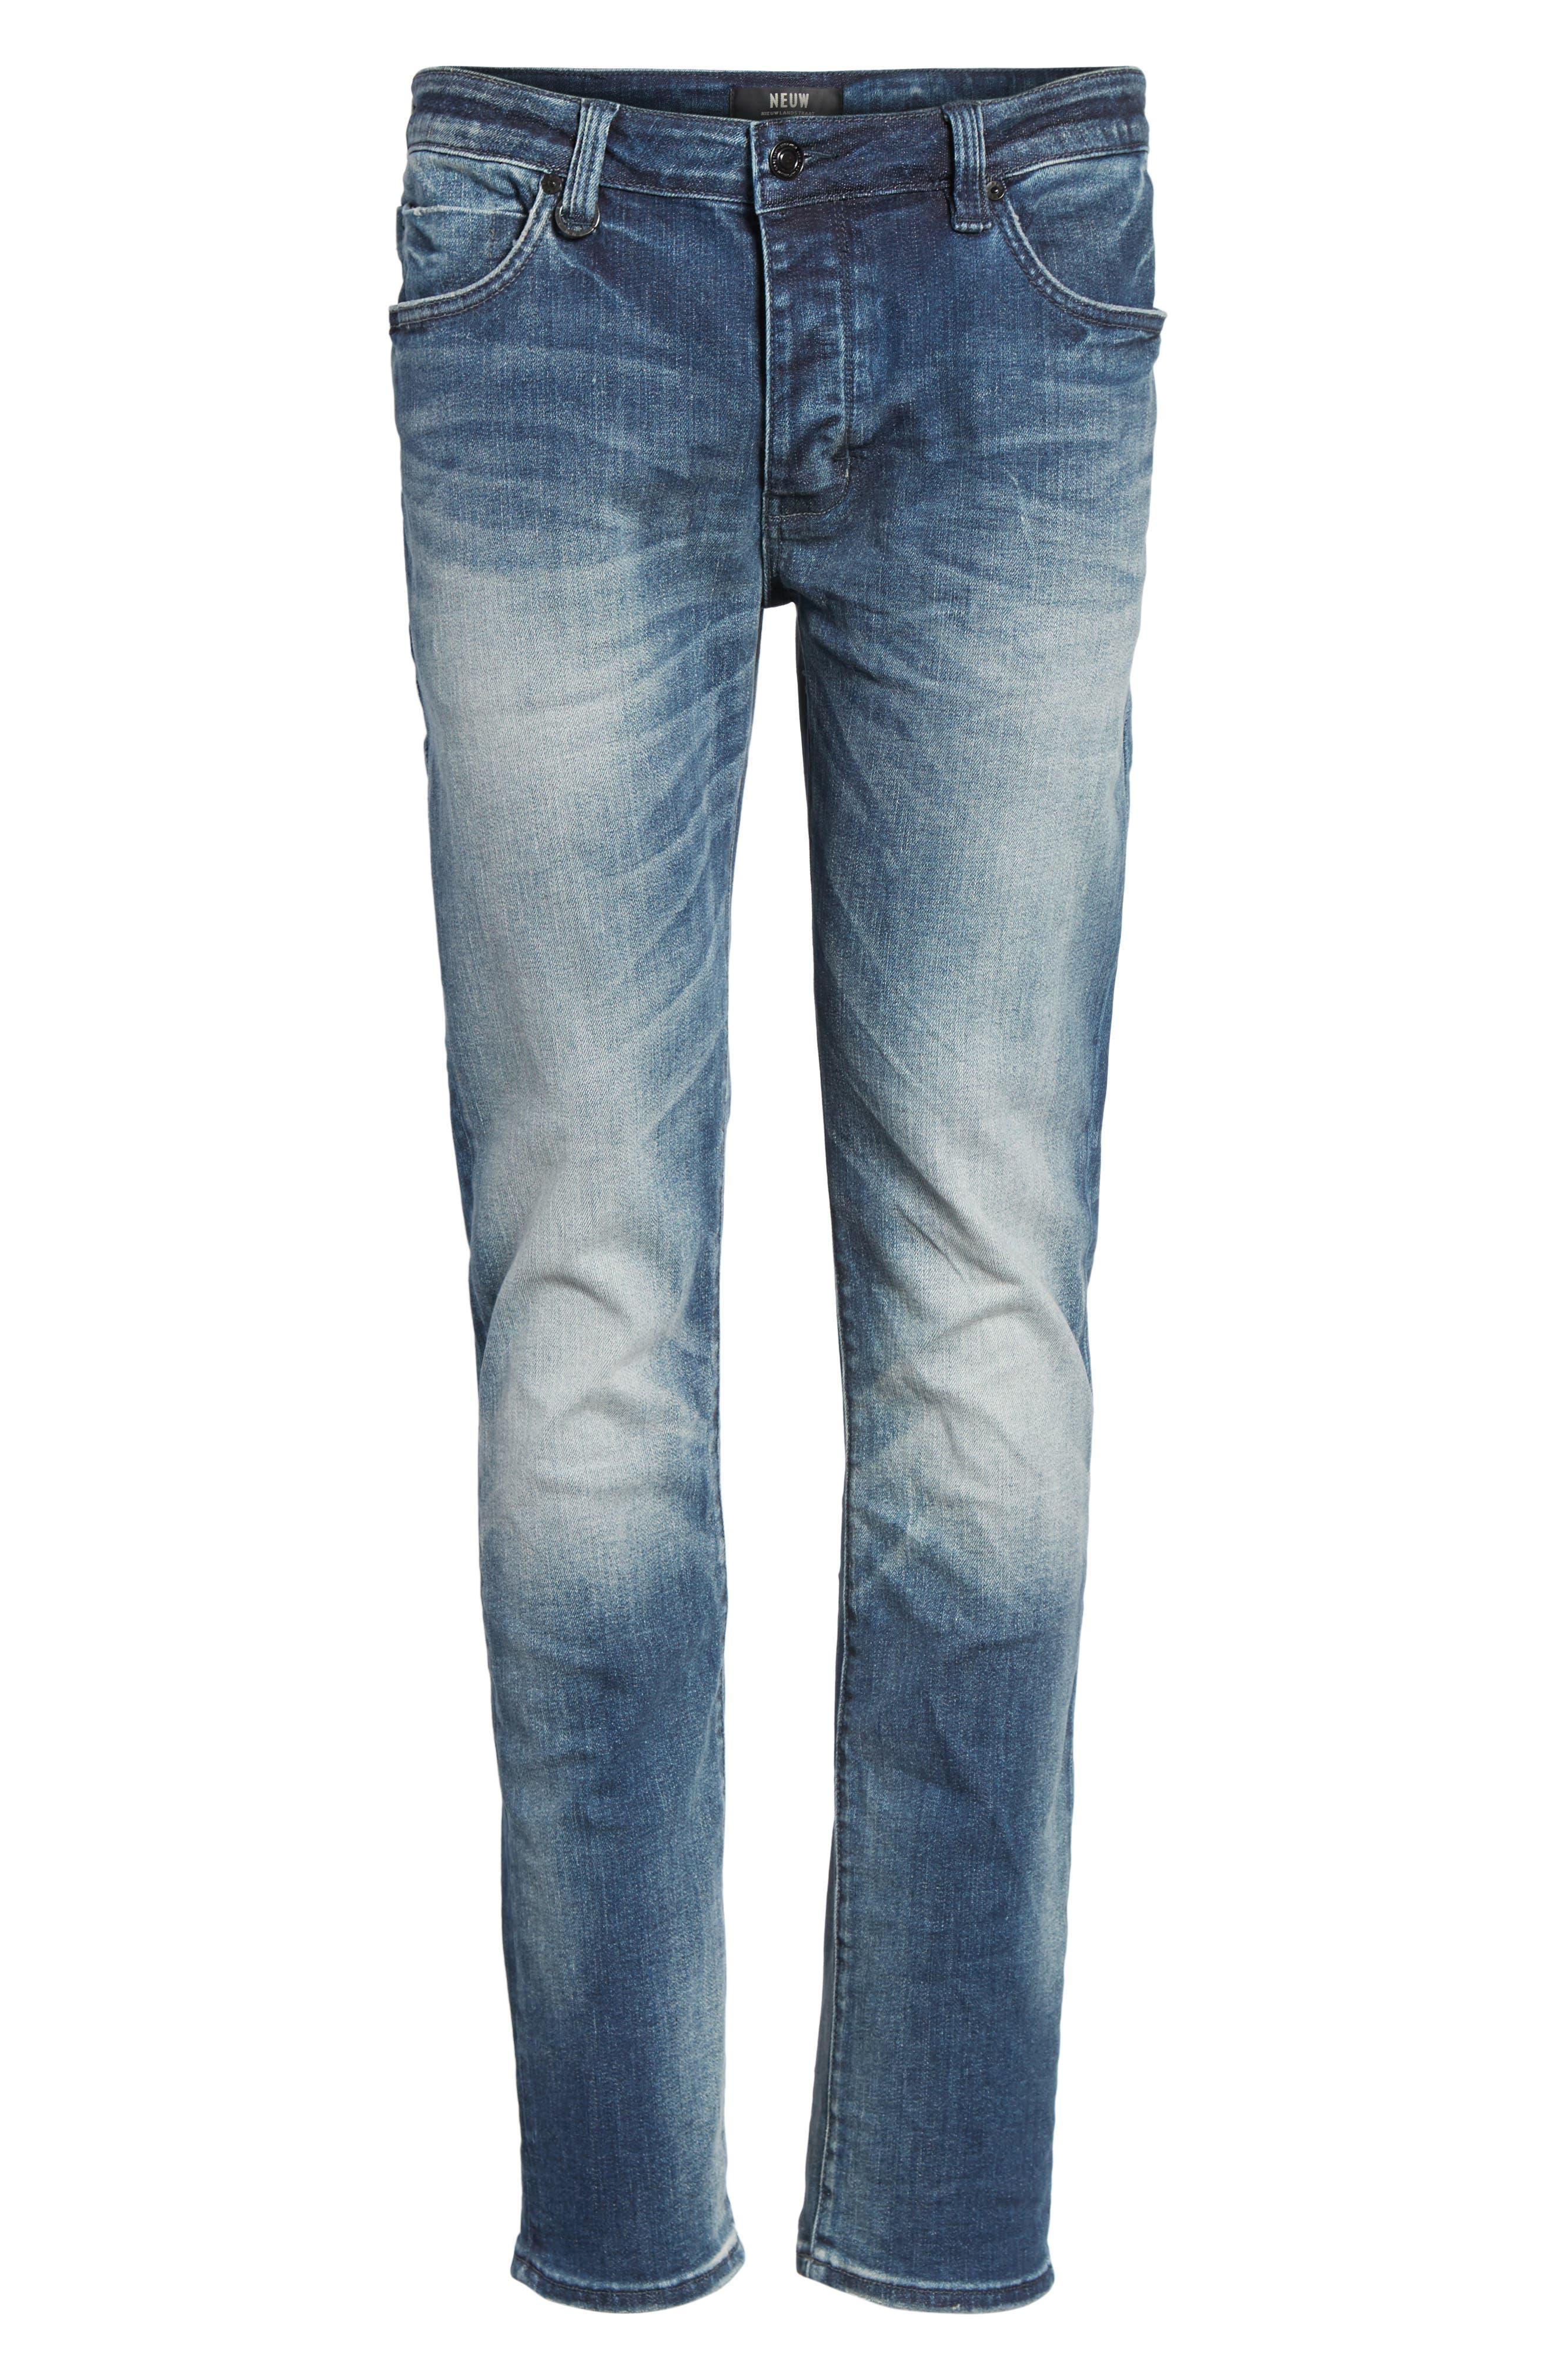 Lou Slim Fit Jeans,                             Alternate thumbnail 6, color,                             403